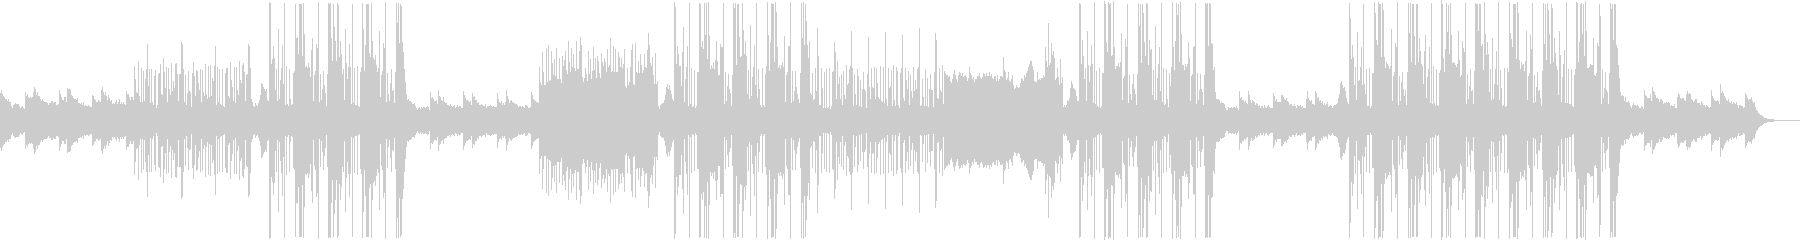 メロディックなトラップ系ビートの未再生の波形